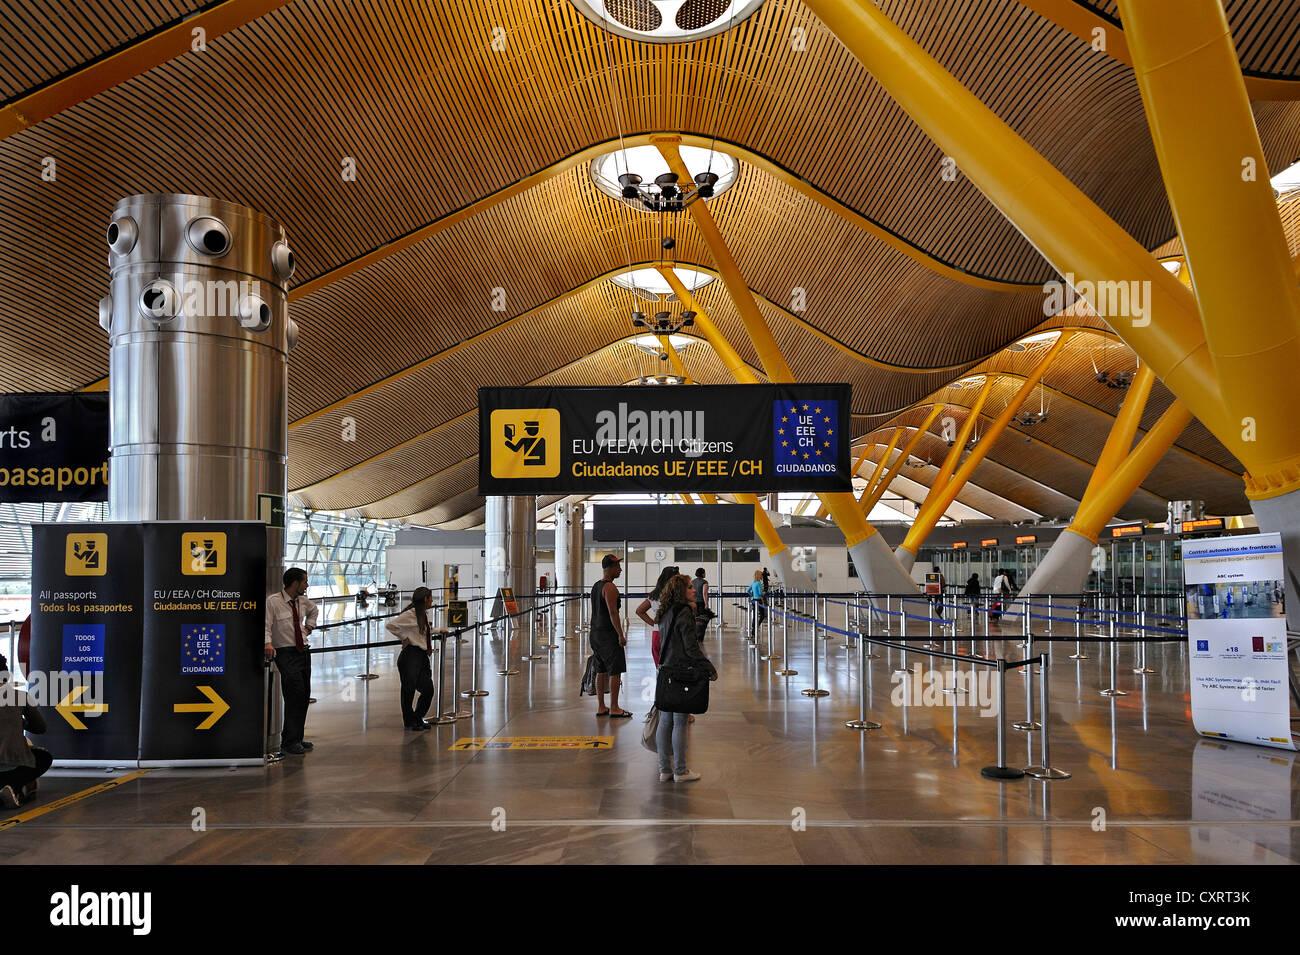 Uscita per i cittadini UE presso l'aeroporto di Barajas, Madrid, Spagna, Europa Immagini Stock